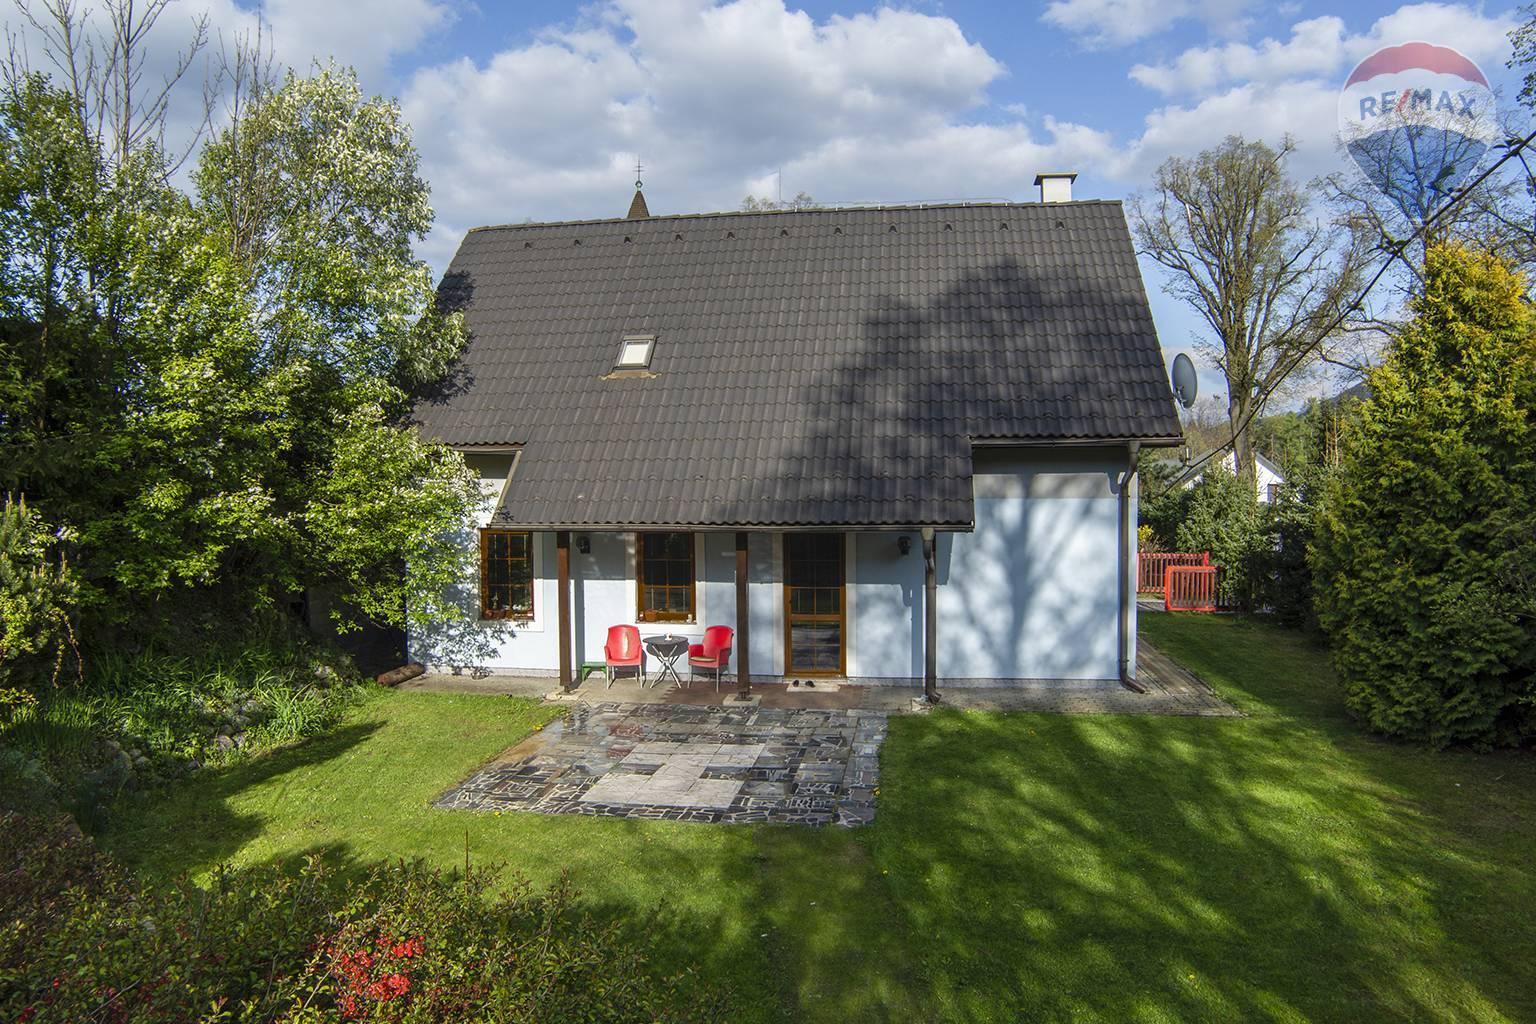 Predaj domu 136 m2, Liptovský Mikuláš - pohľad na terasu